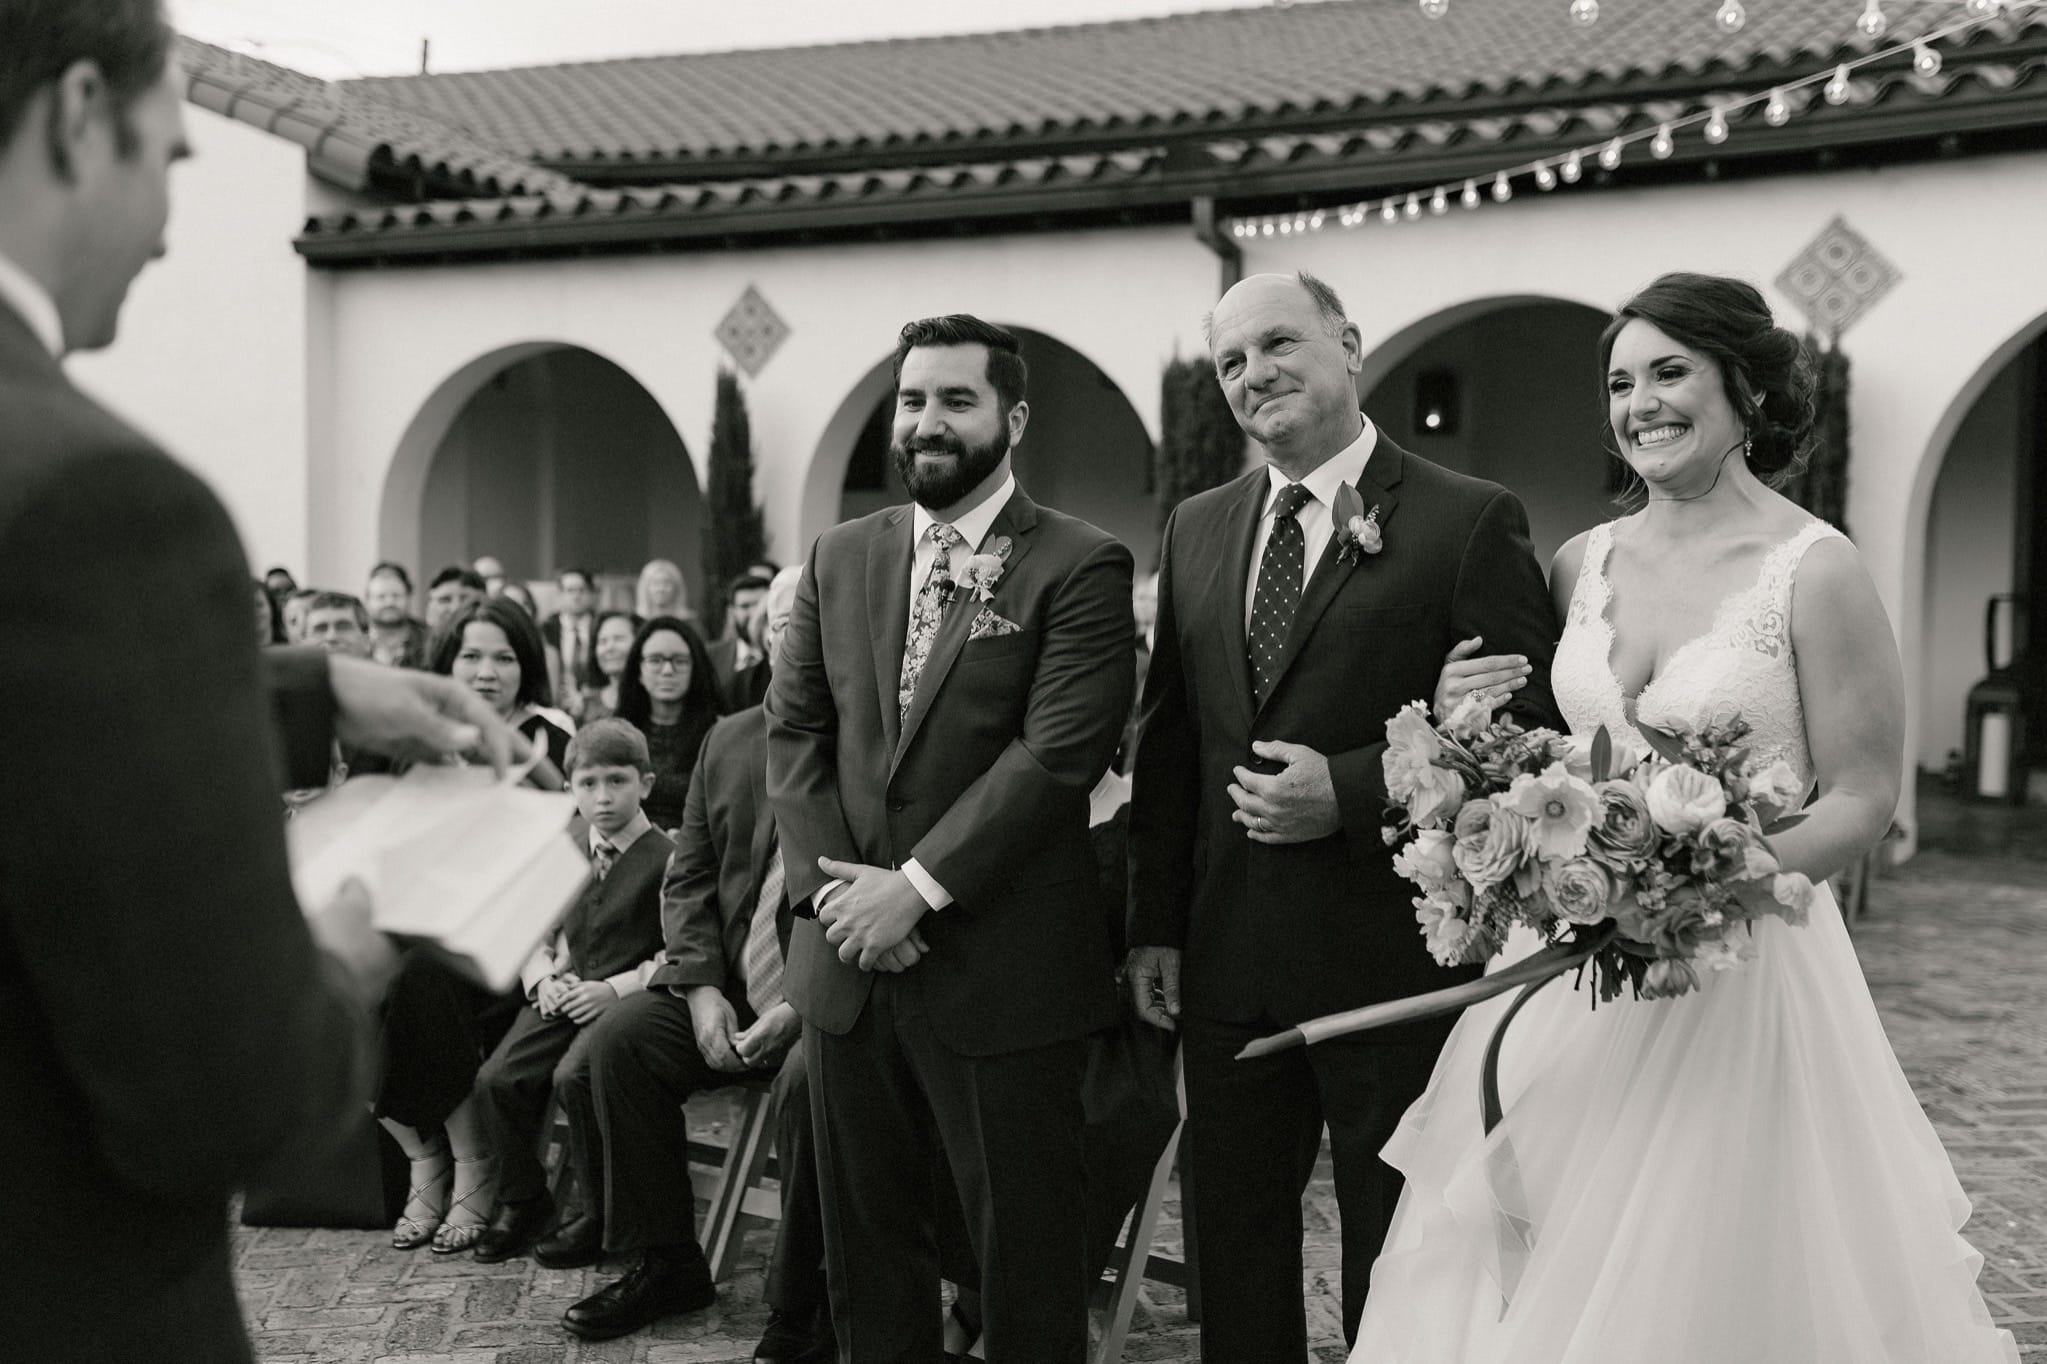 Springtime Il Mercato wedding